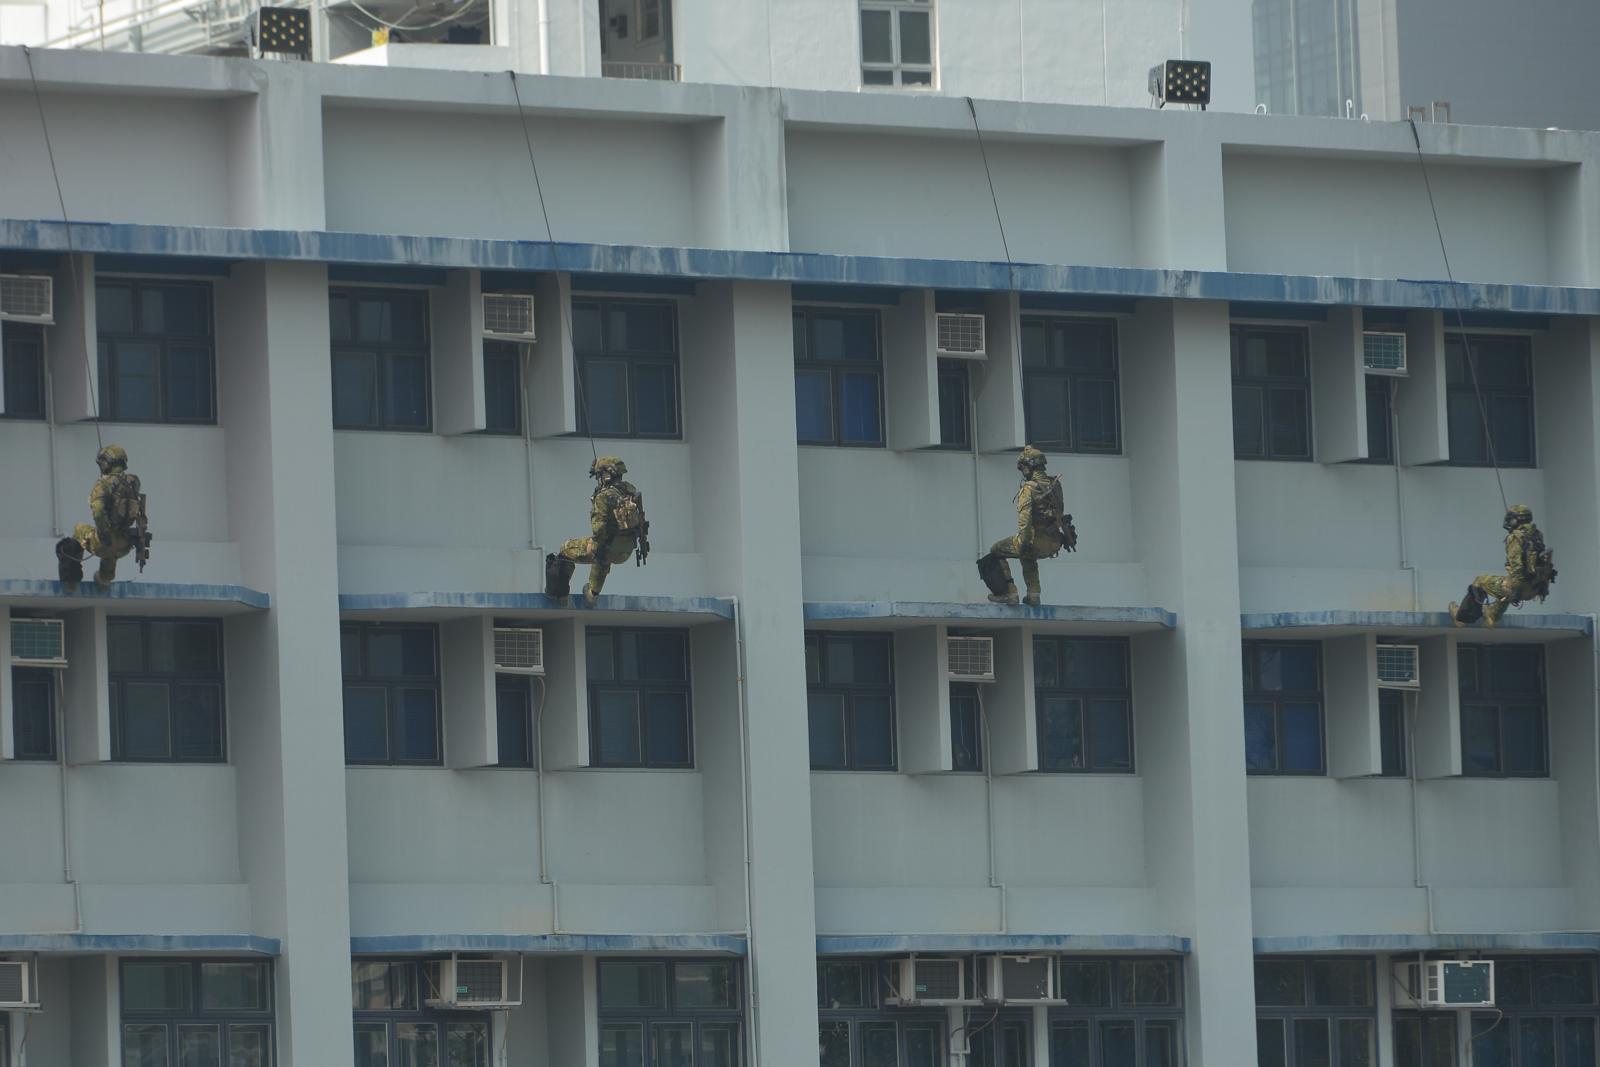 活動高潮是反恐特種部隊障礙挑戰賽及模擬反恐演習。